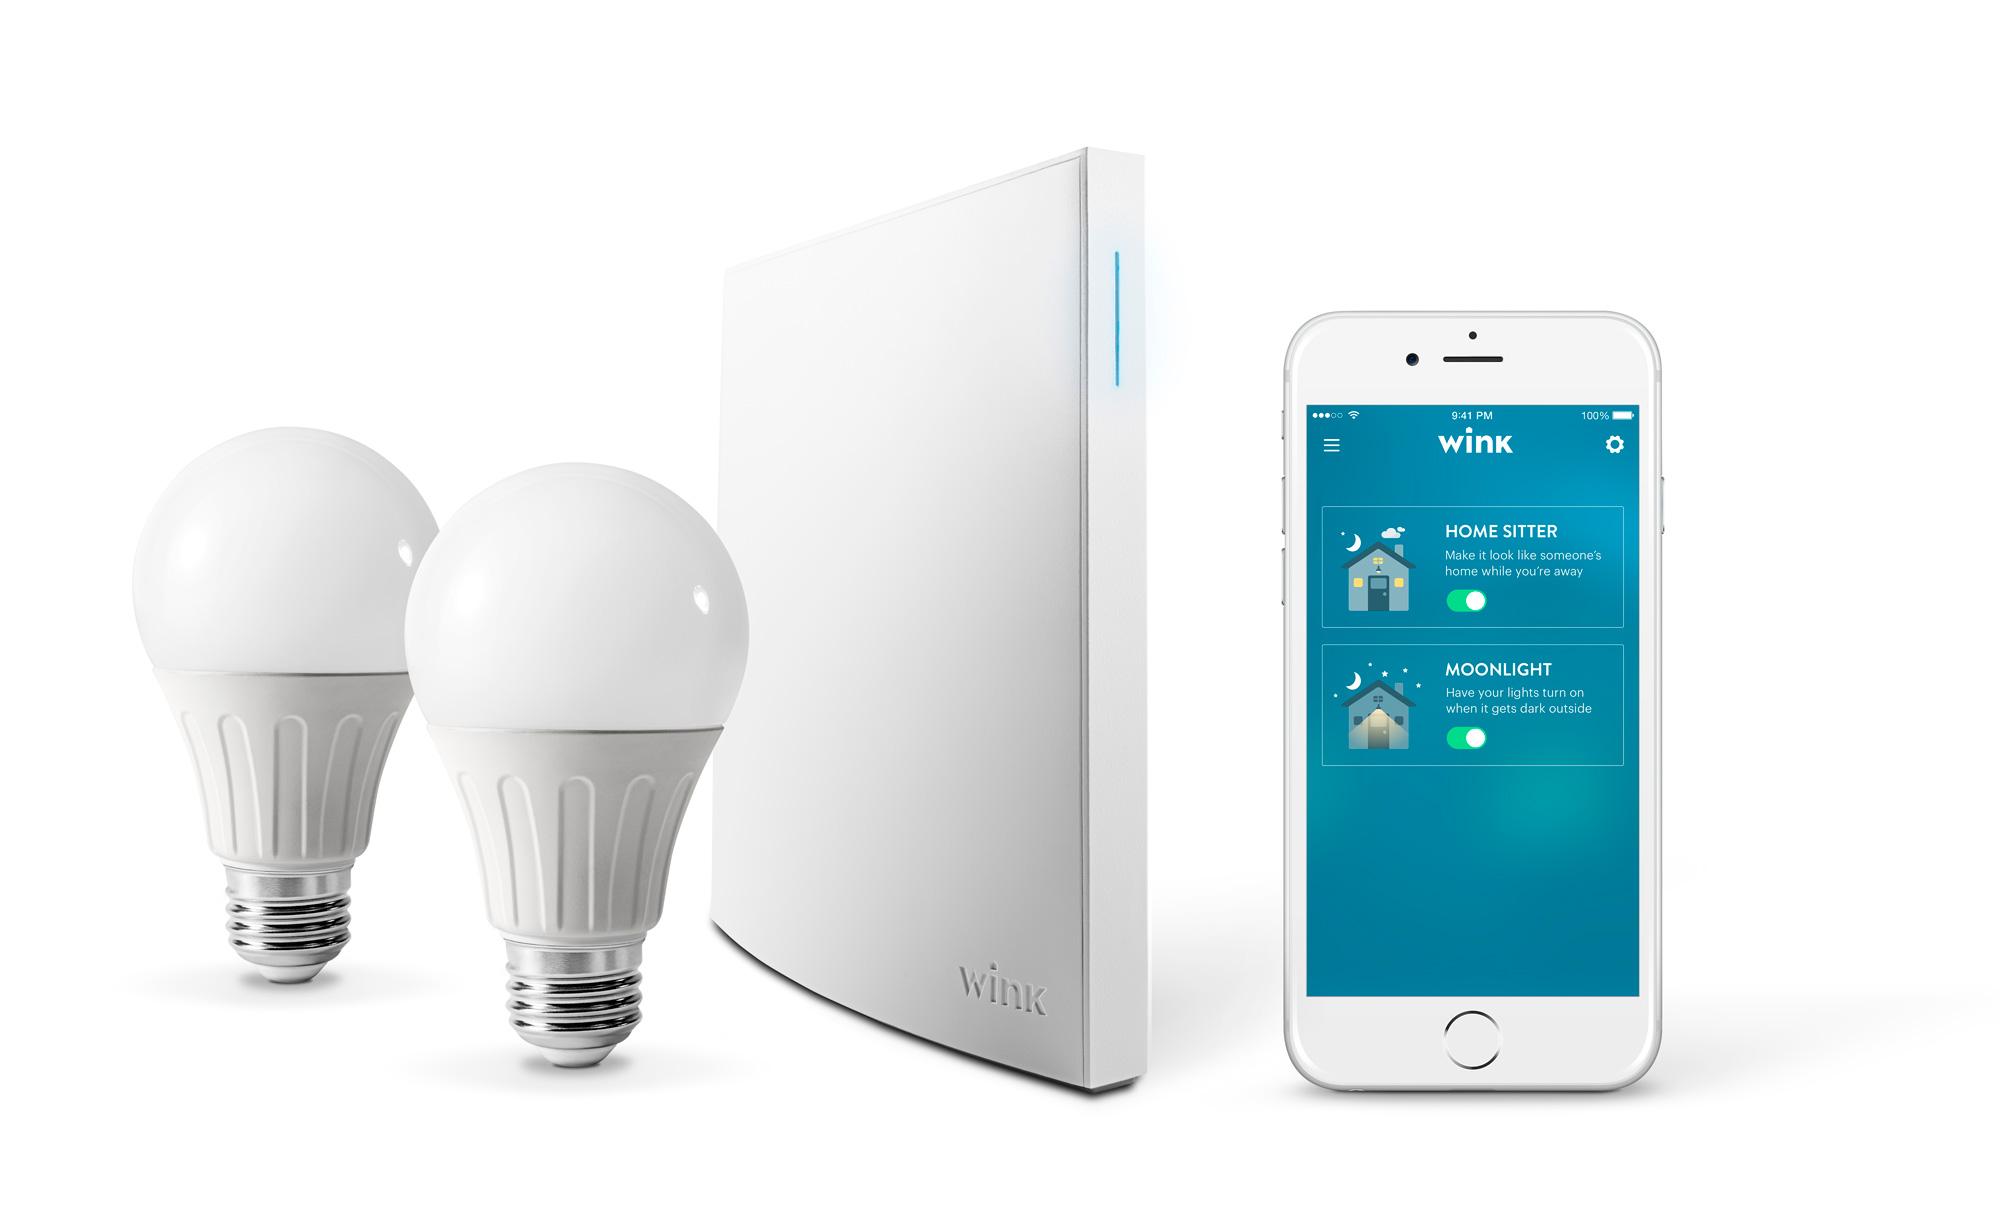 Wink | A Simpler, Smarter Home